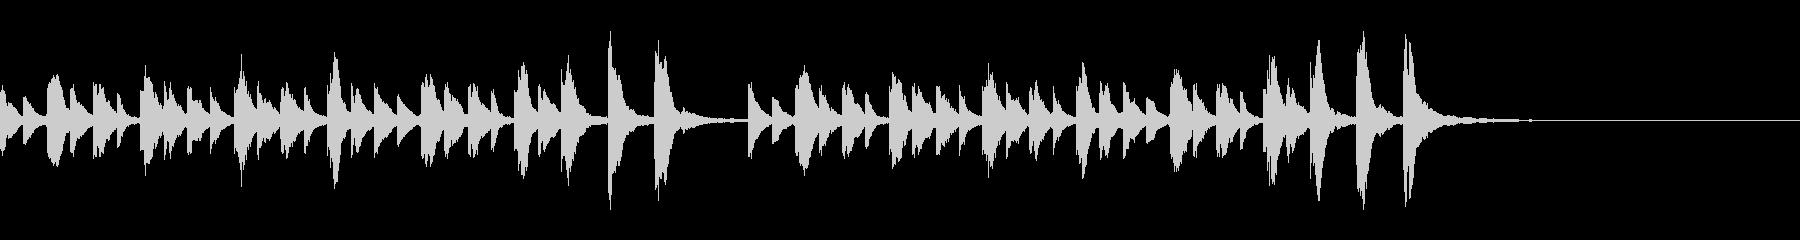 マレット系の可愛らしいメロディチャイムの未再生の波形